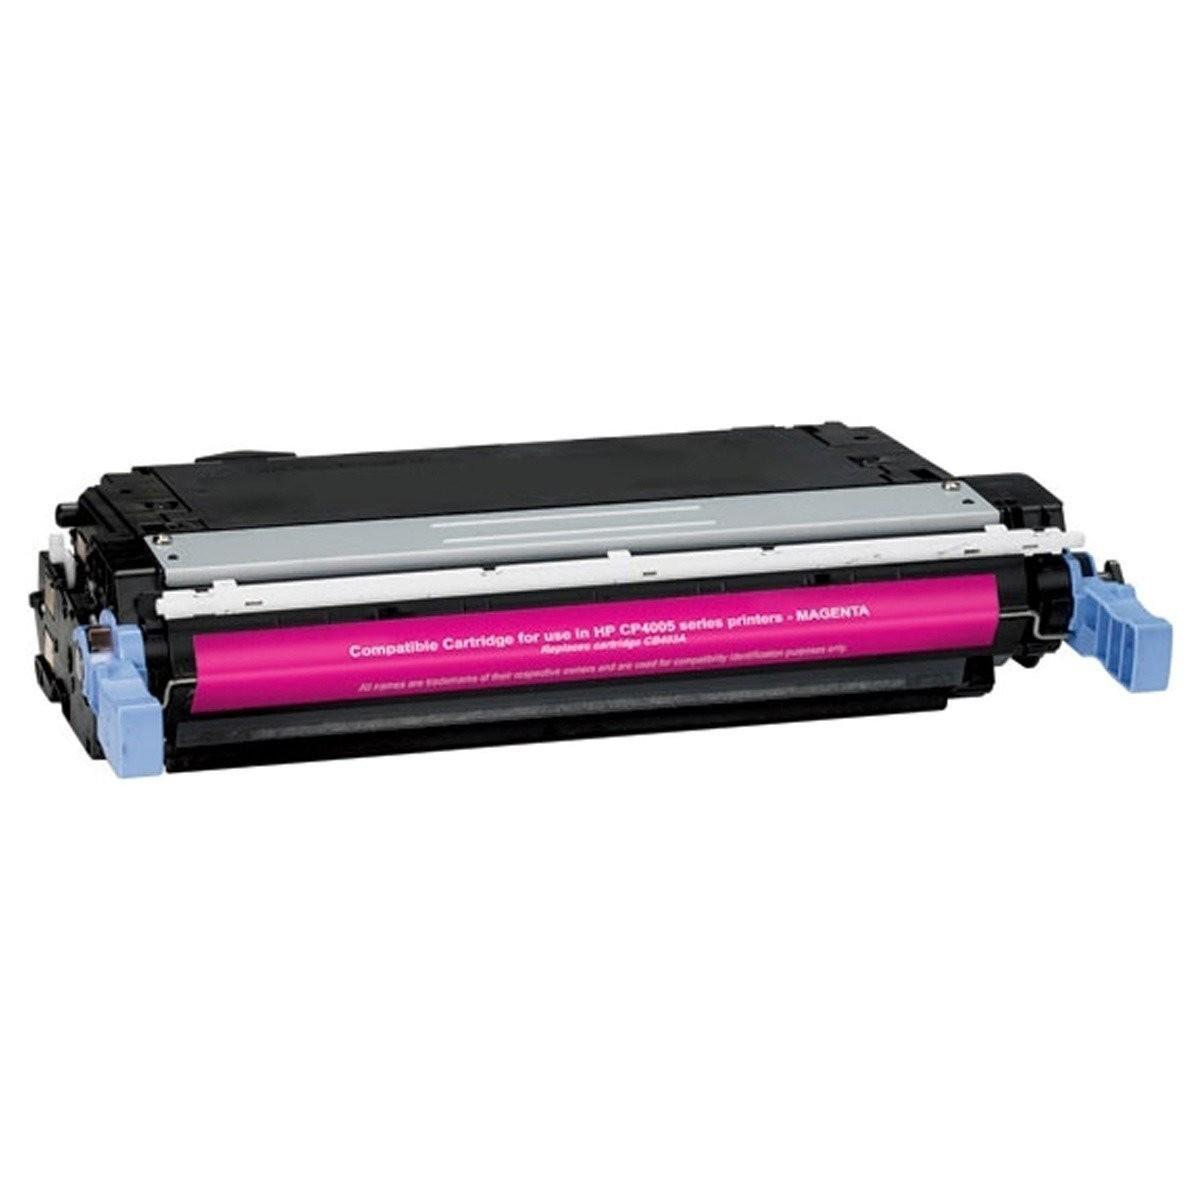 Image of   HP CB403A M (HP 642A) Lasertoner,Magenta.Kompatibel,7500 sider